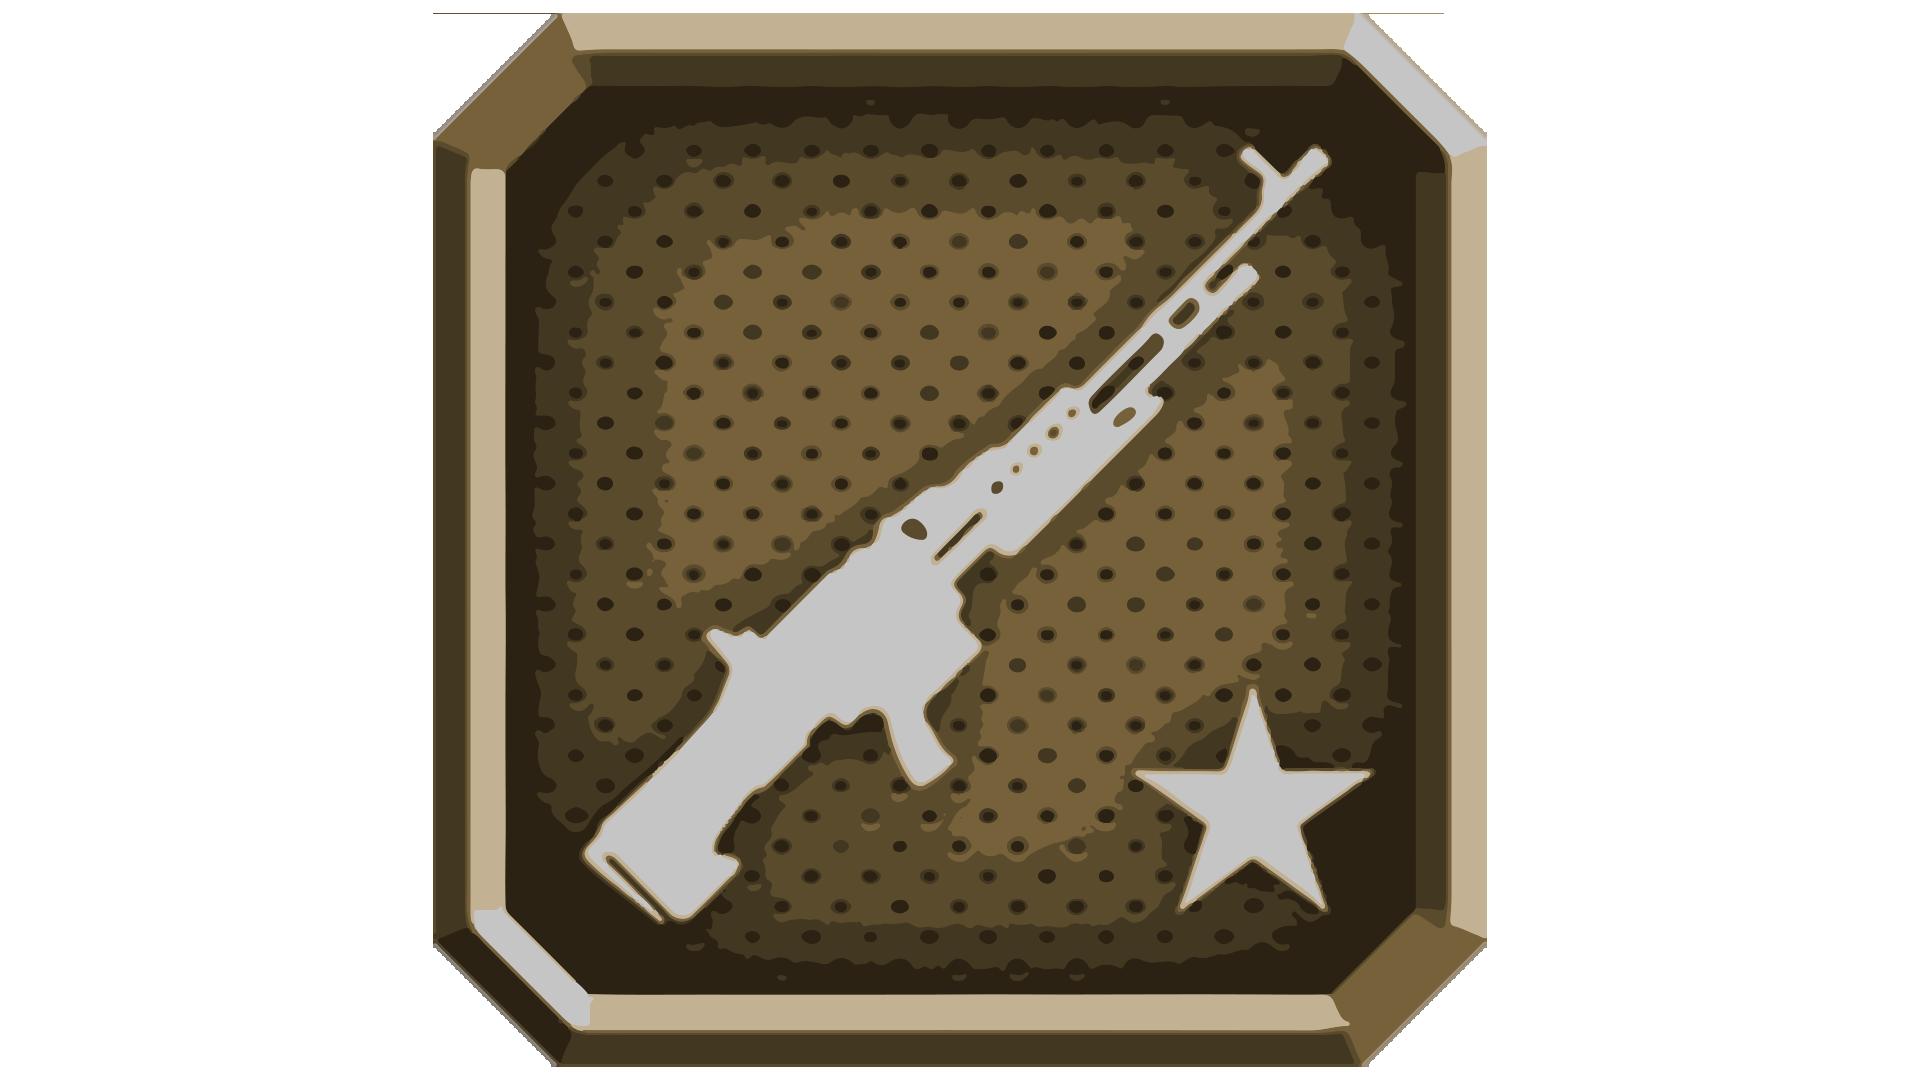 M60 Massacre achievement for Dead Alliance on Xbox One